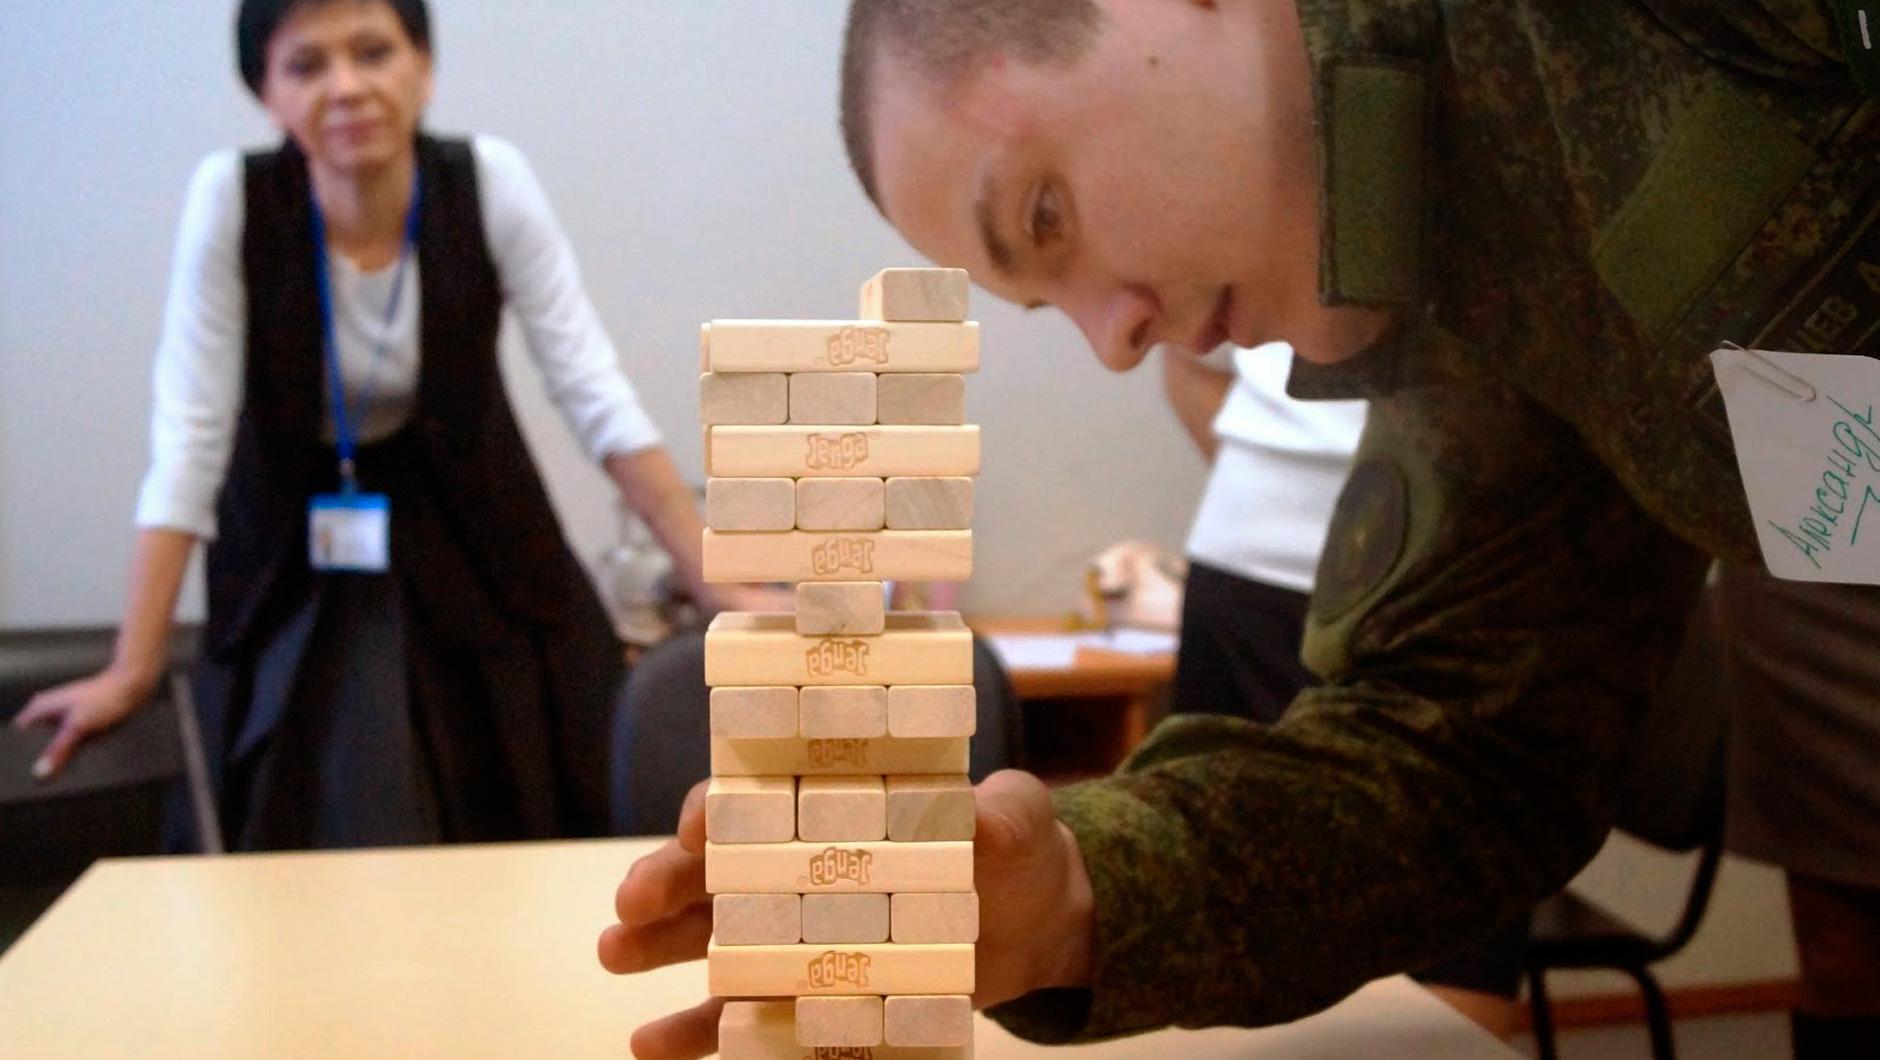 психология служебной деятельности что это за профессия